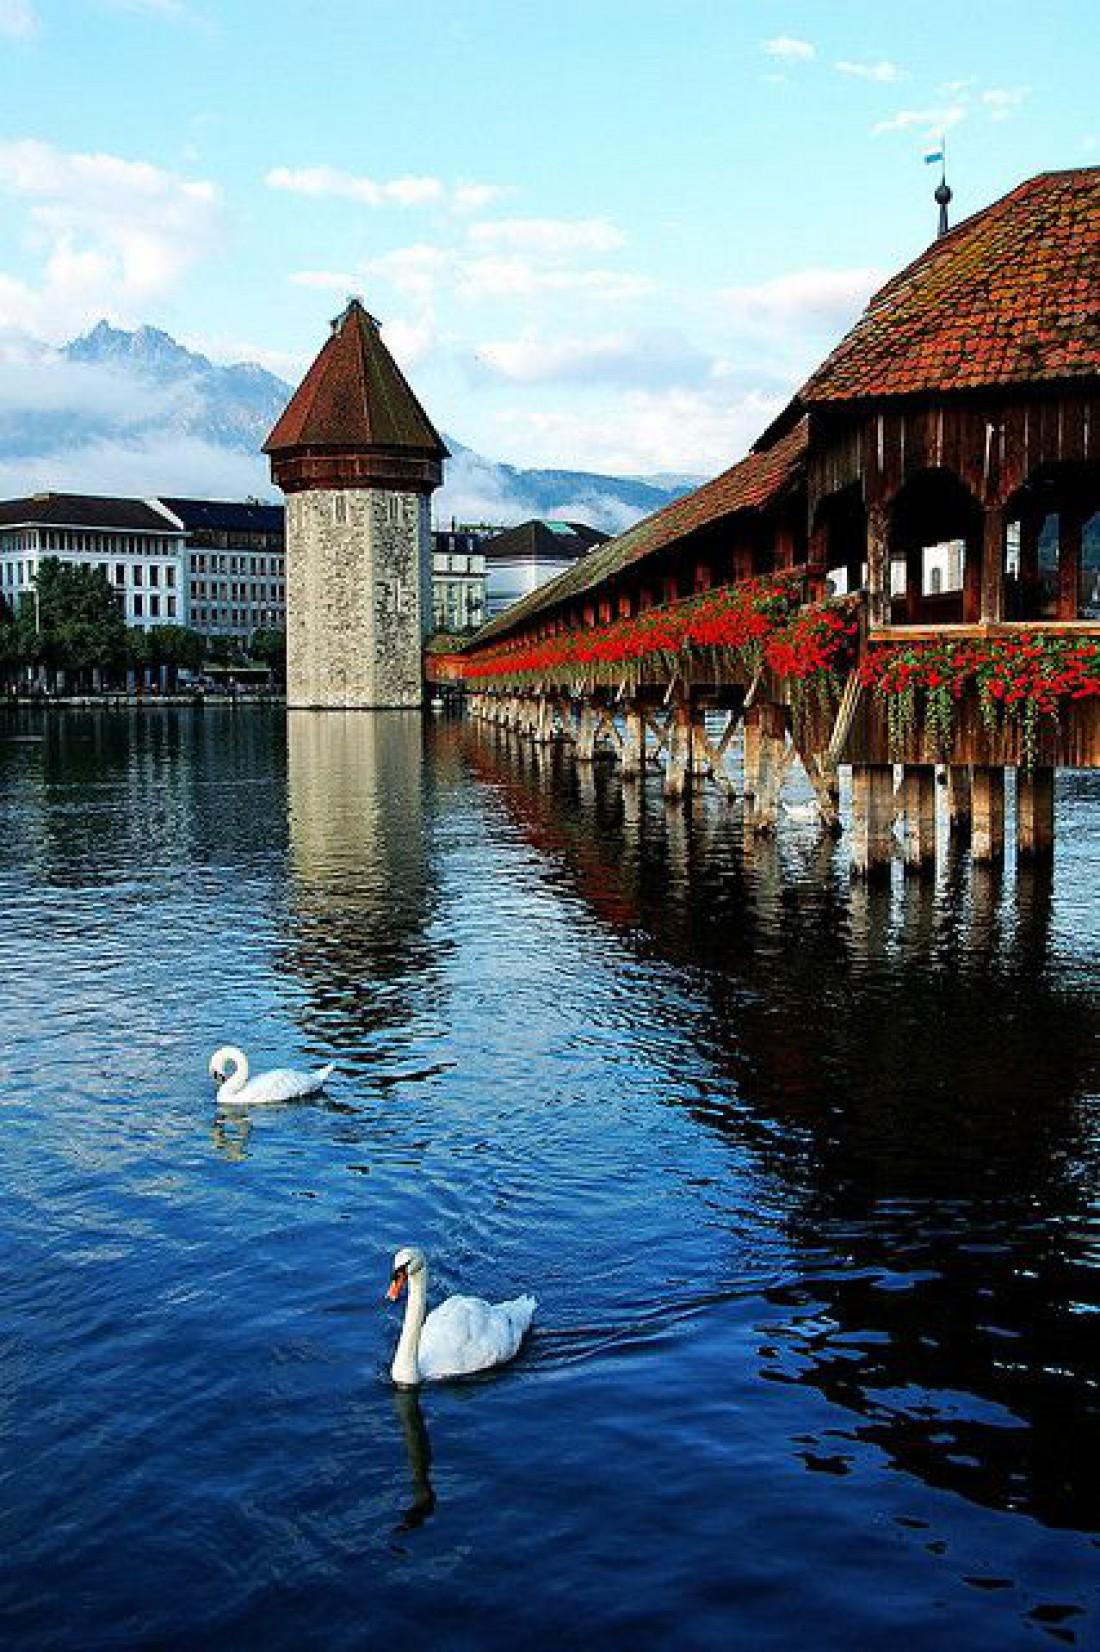 Часовенный мост - визитная карточка Швейцарии